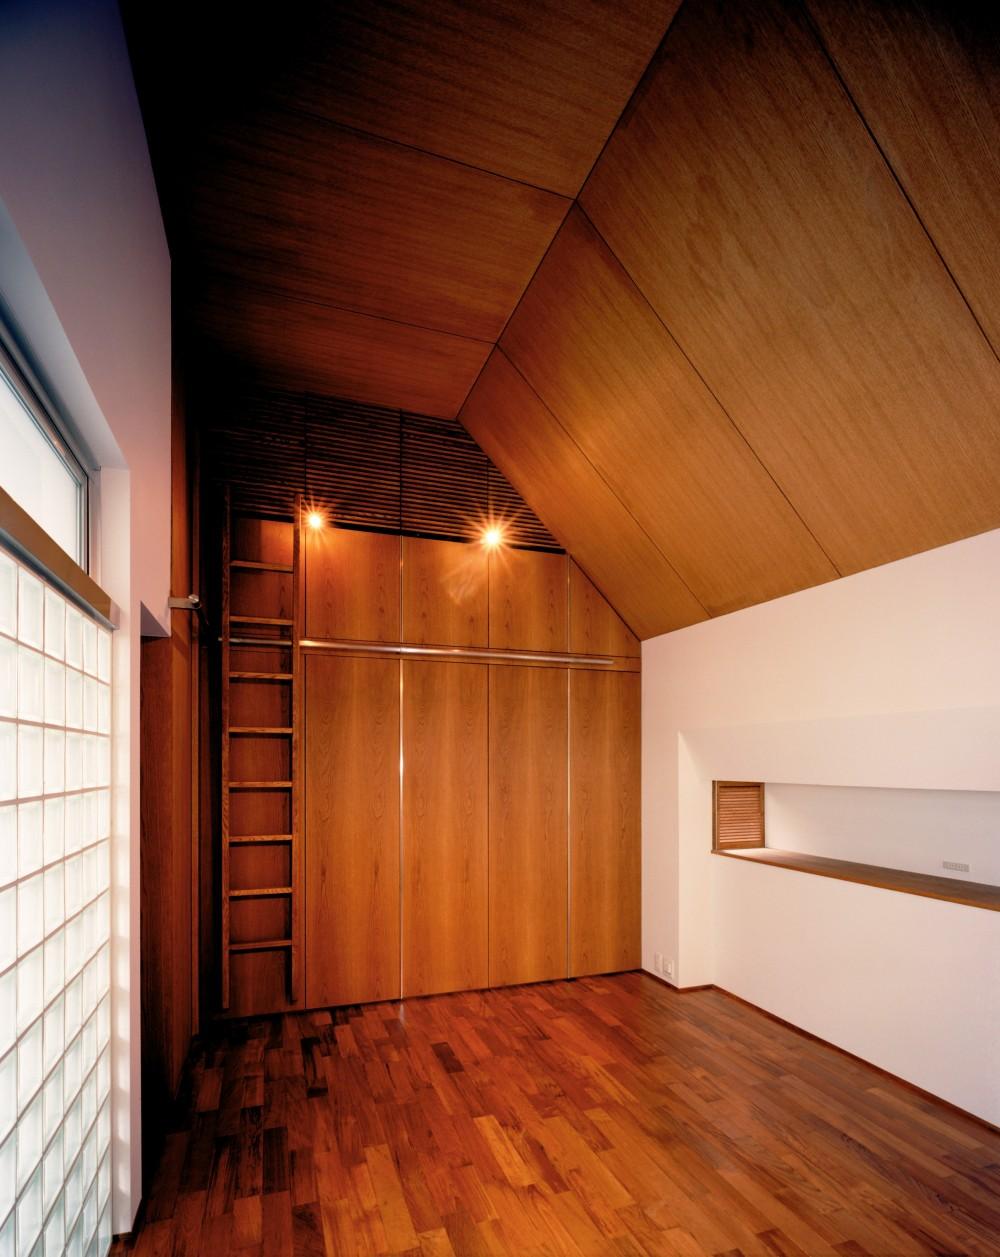 【大通りに建つ家】  騒音振動からすこやかな生活を守る砦 (ベッドルーム)